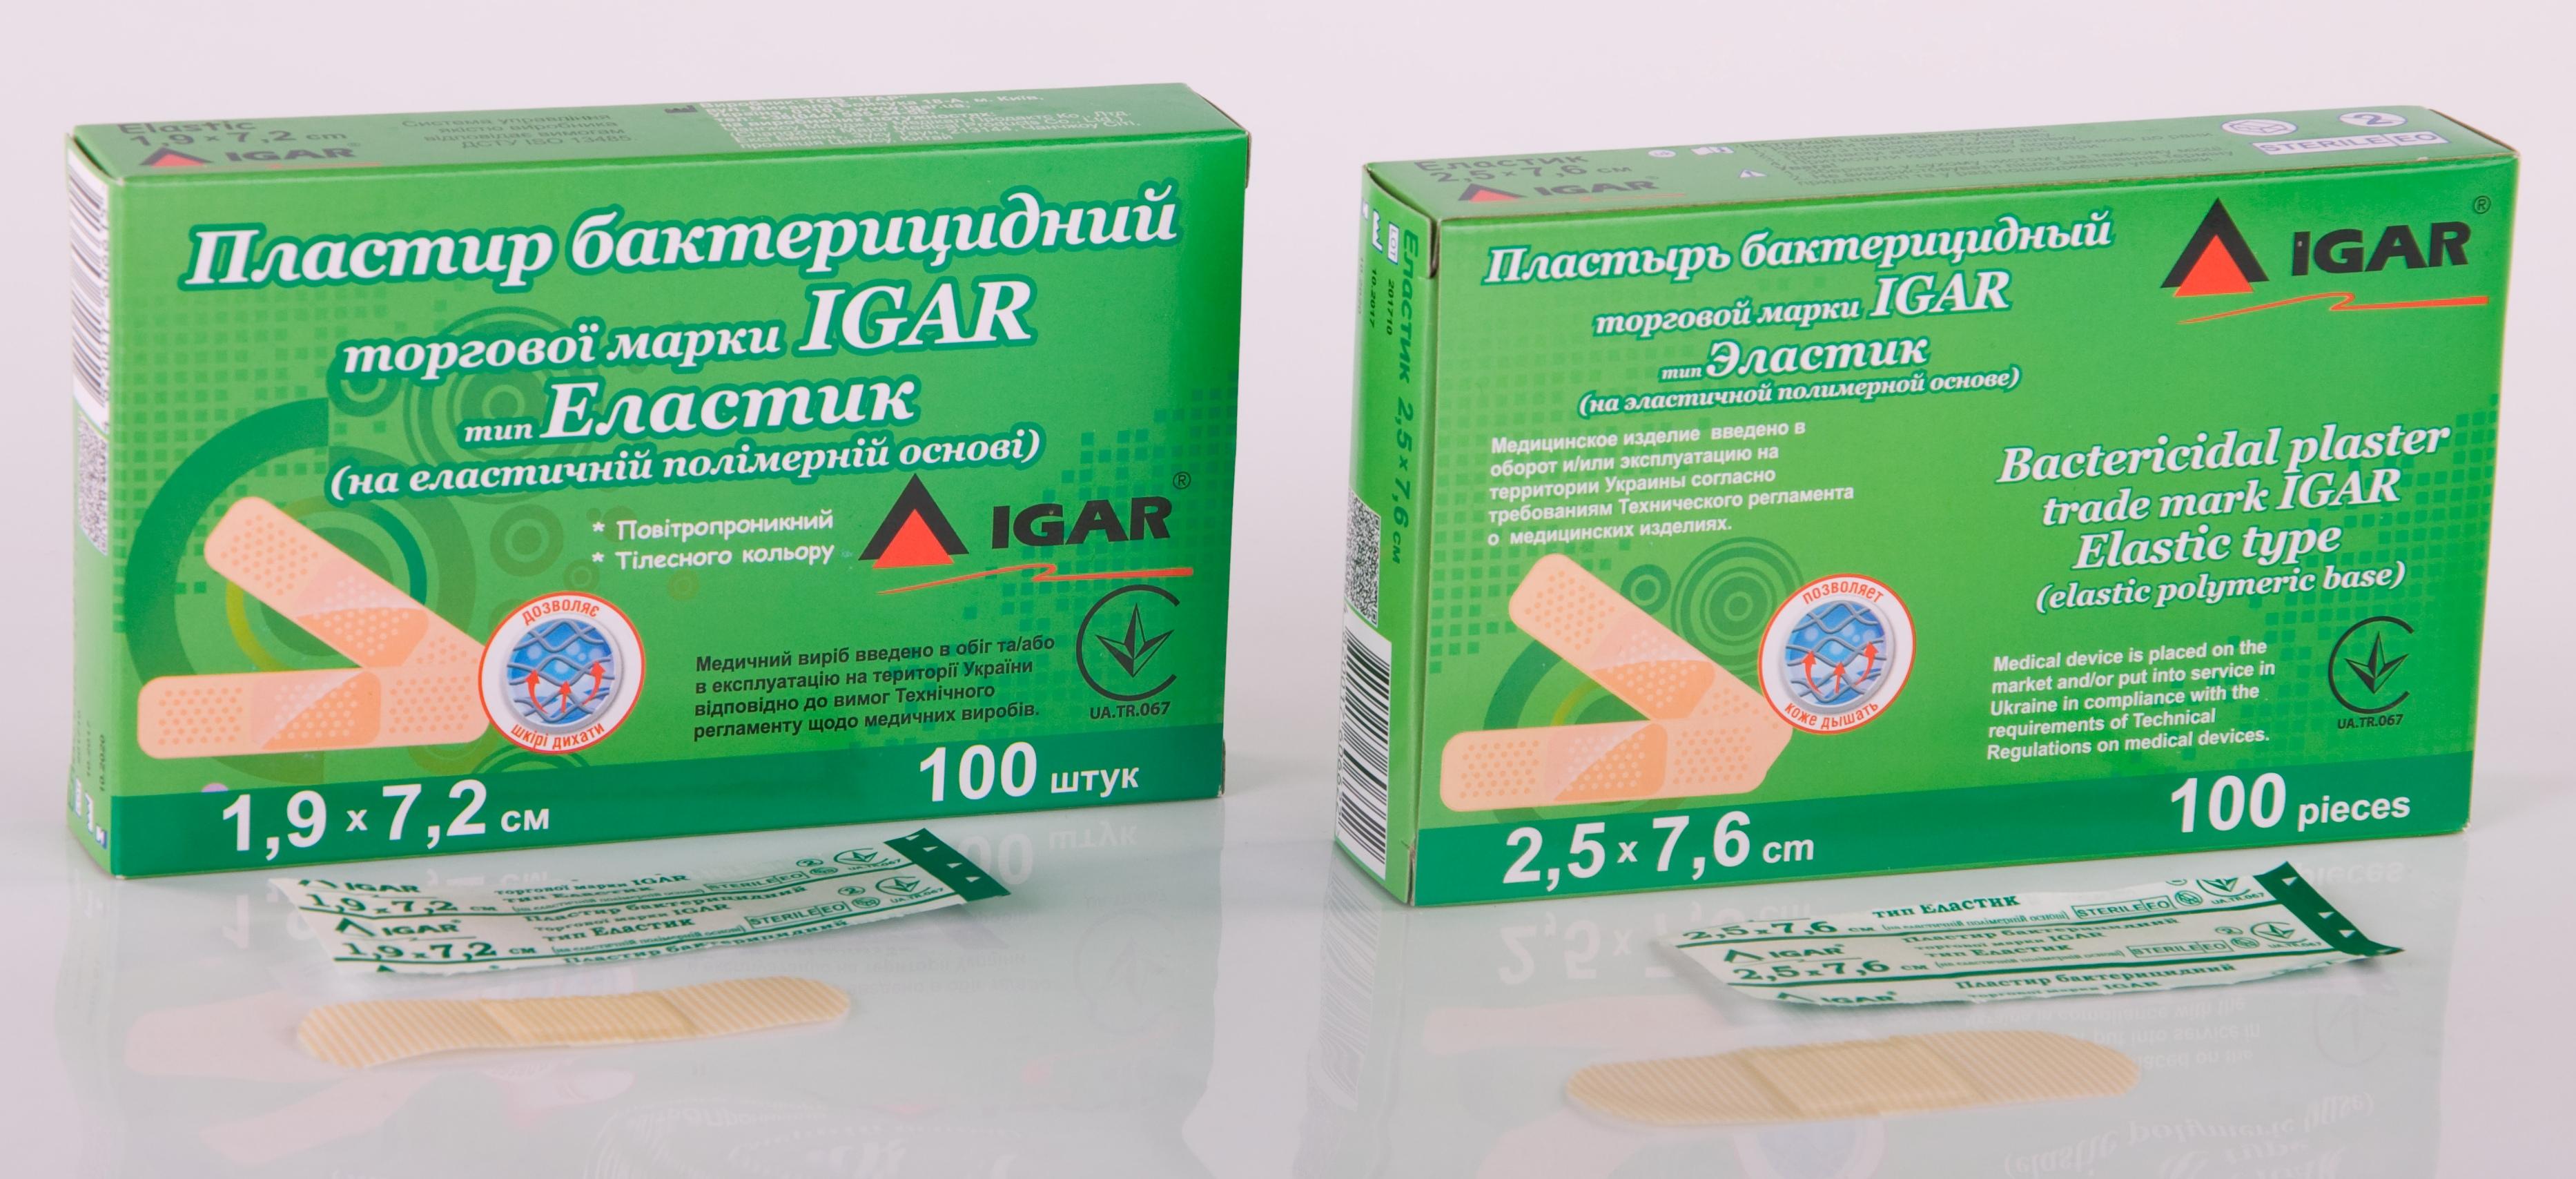 Пластир бактерицидний торгової марки IGAR тип Еластик (на еластичній полімерній основі)